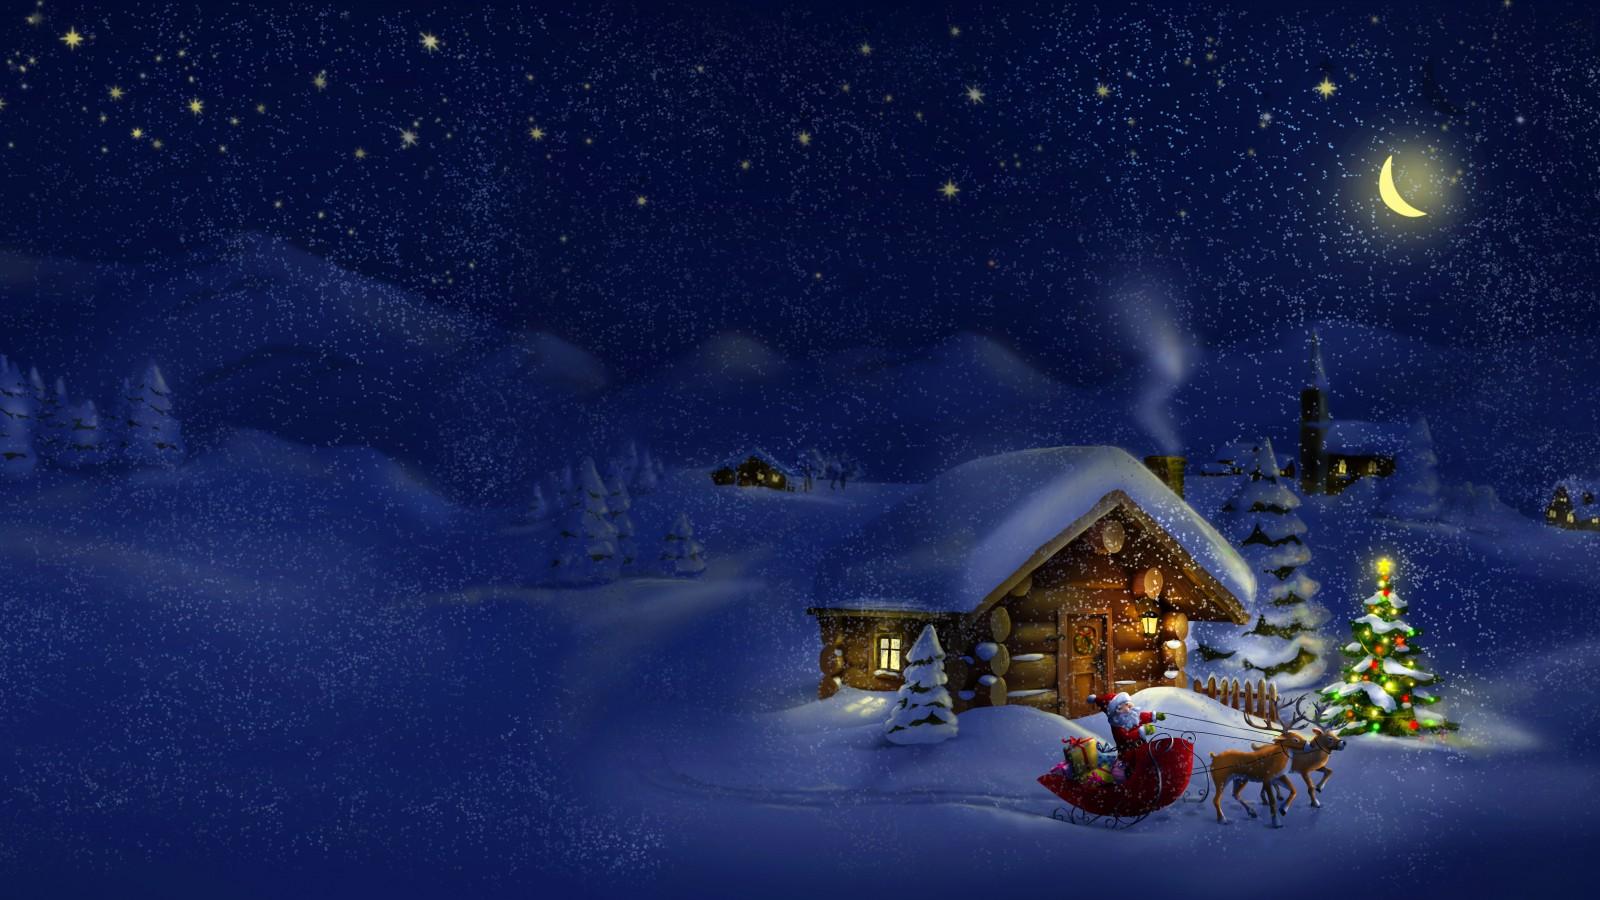 priroda-noch-zima-sneg-5590.jpg